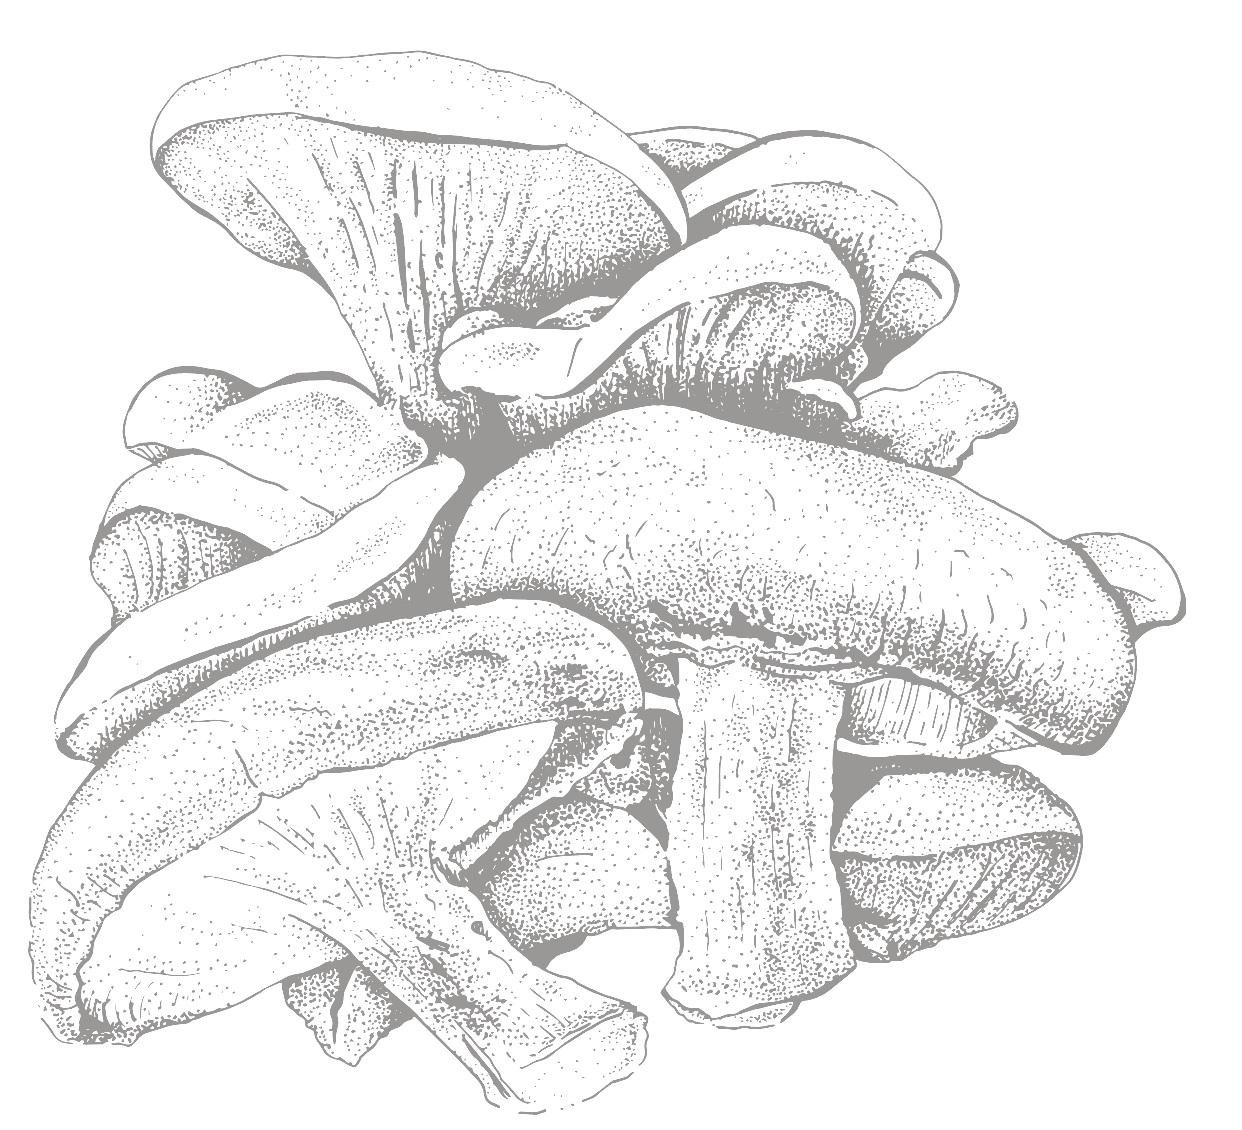 Mile+High+Fungi